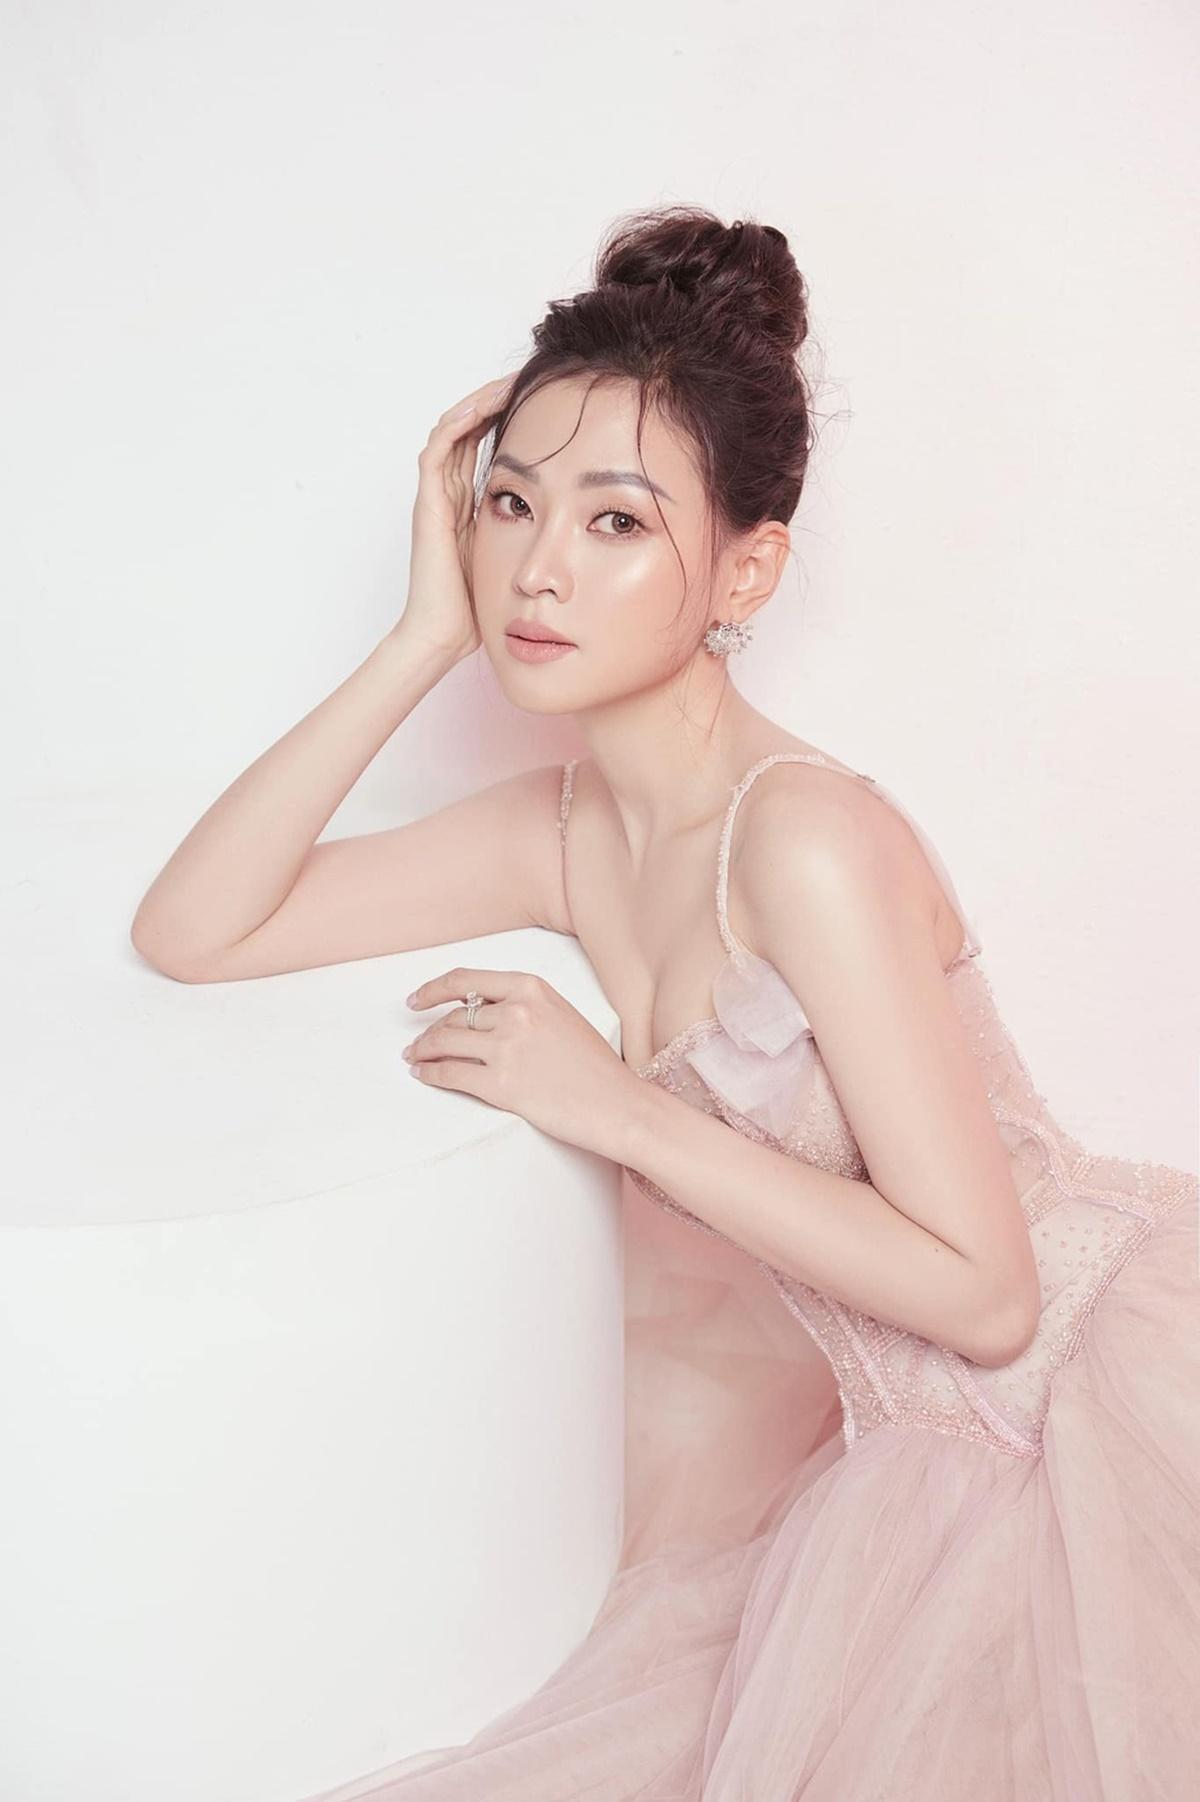 Nhan sắc trong trẻo của Thiên Hương trong một bộ hình thời trang. Cô thừa nhận ca hát là đam mê nhưng có nhiều mục tiêu khác để theo đuổi. Cô không thích sự ồn ào của showbiz nên chỉ tập trung theo đuổi những mục tiêu bản thân vạch ra.